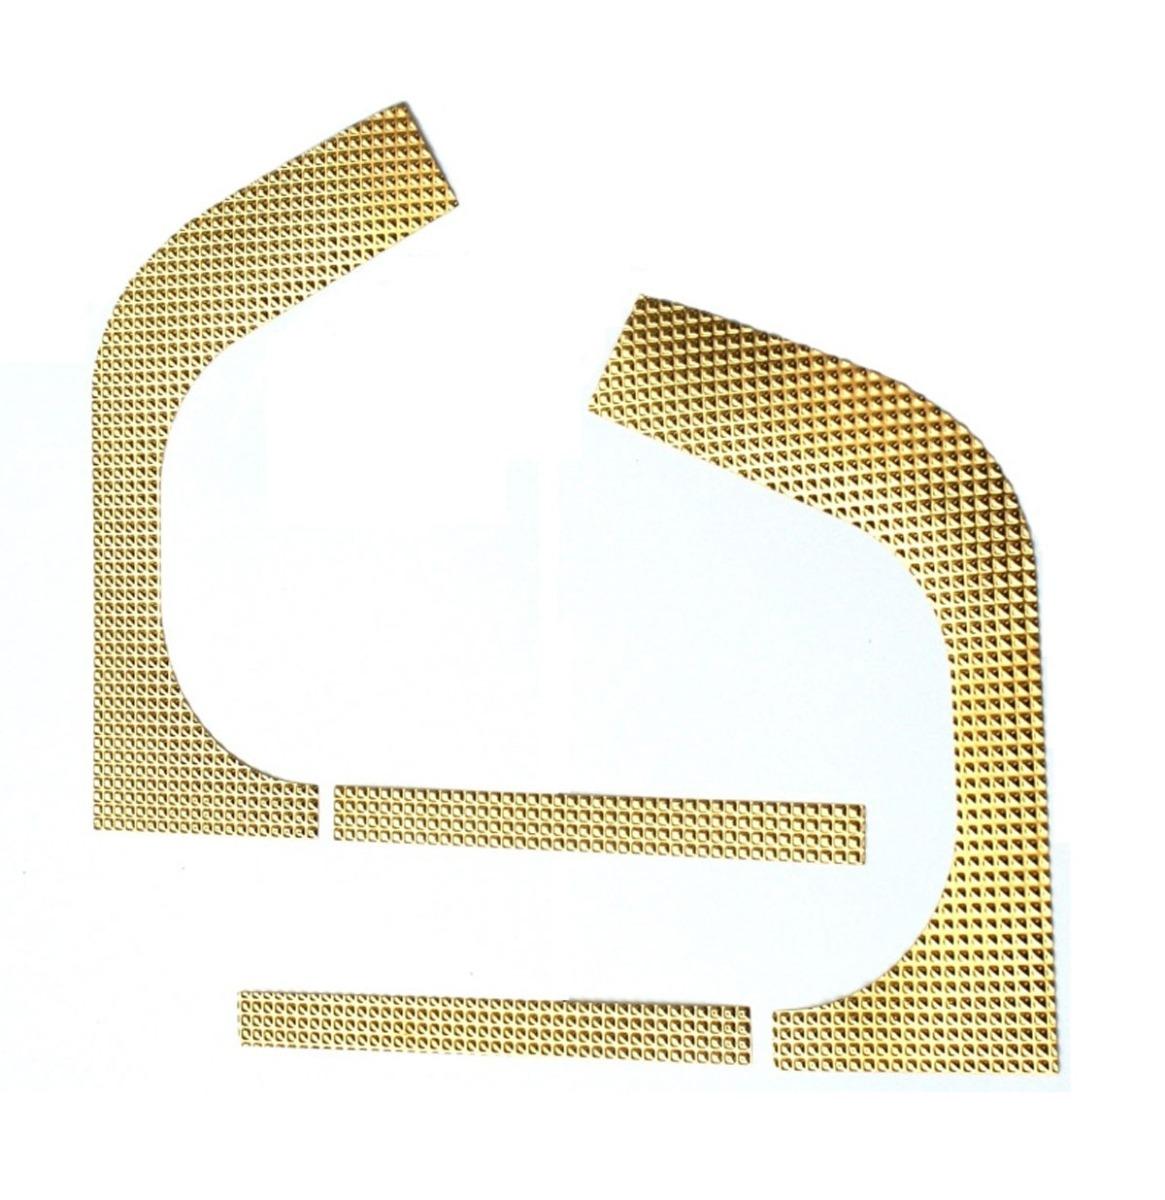 Wurlitzer 1900 t/m 2104 Gouden Folie Voor Binnen Zijkanten Kabinet